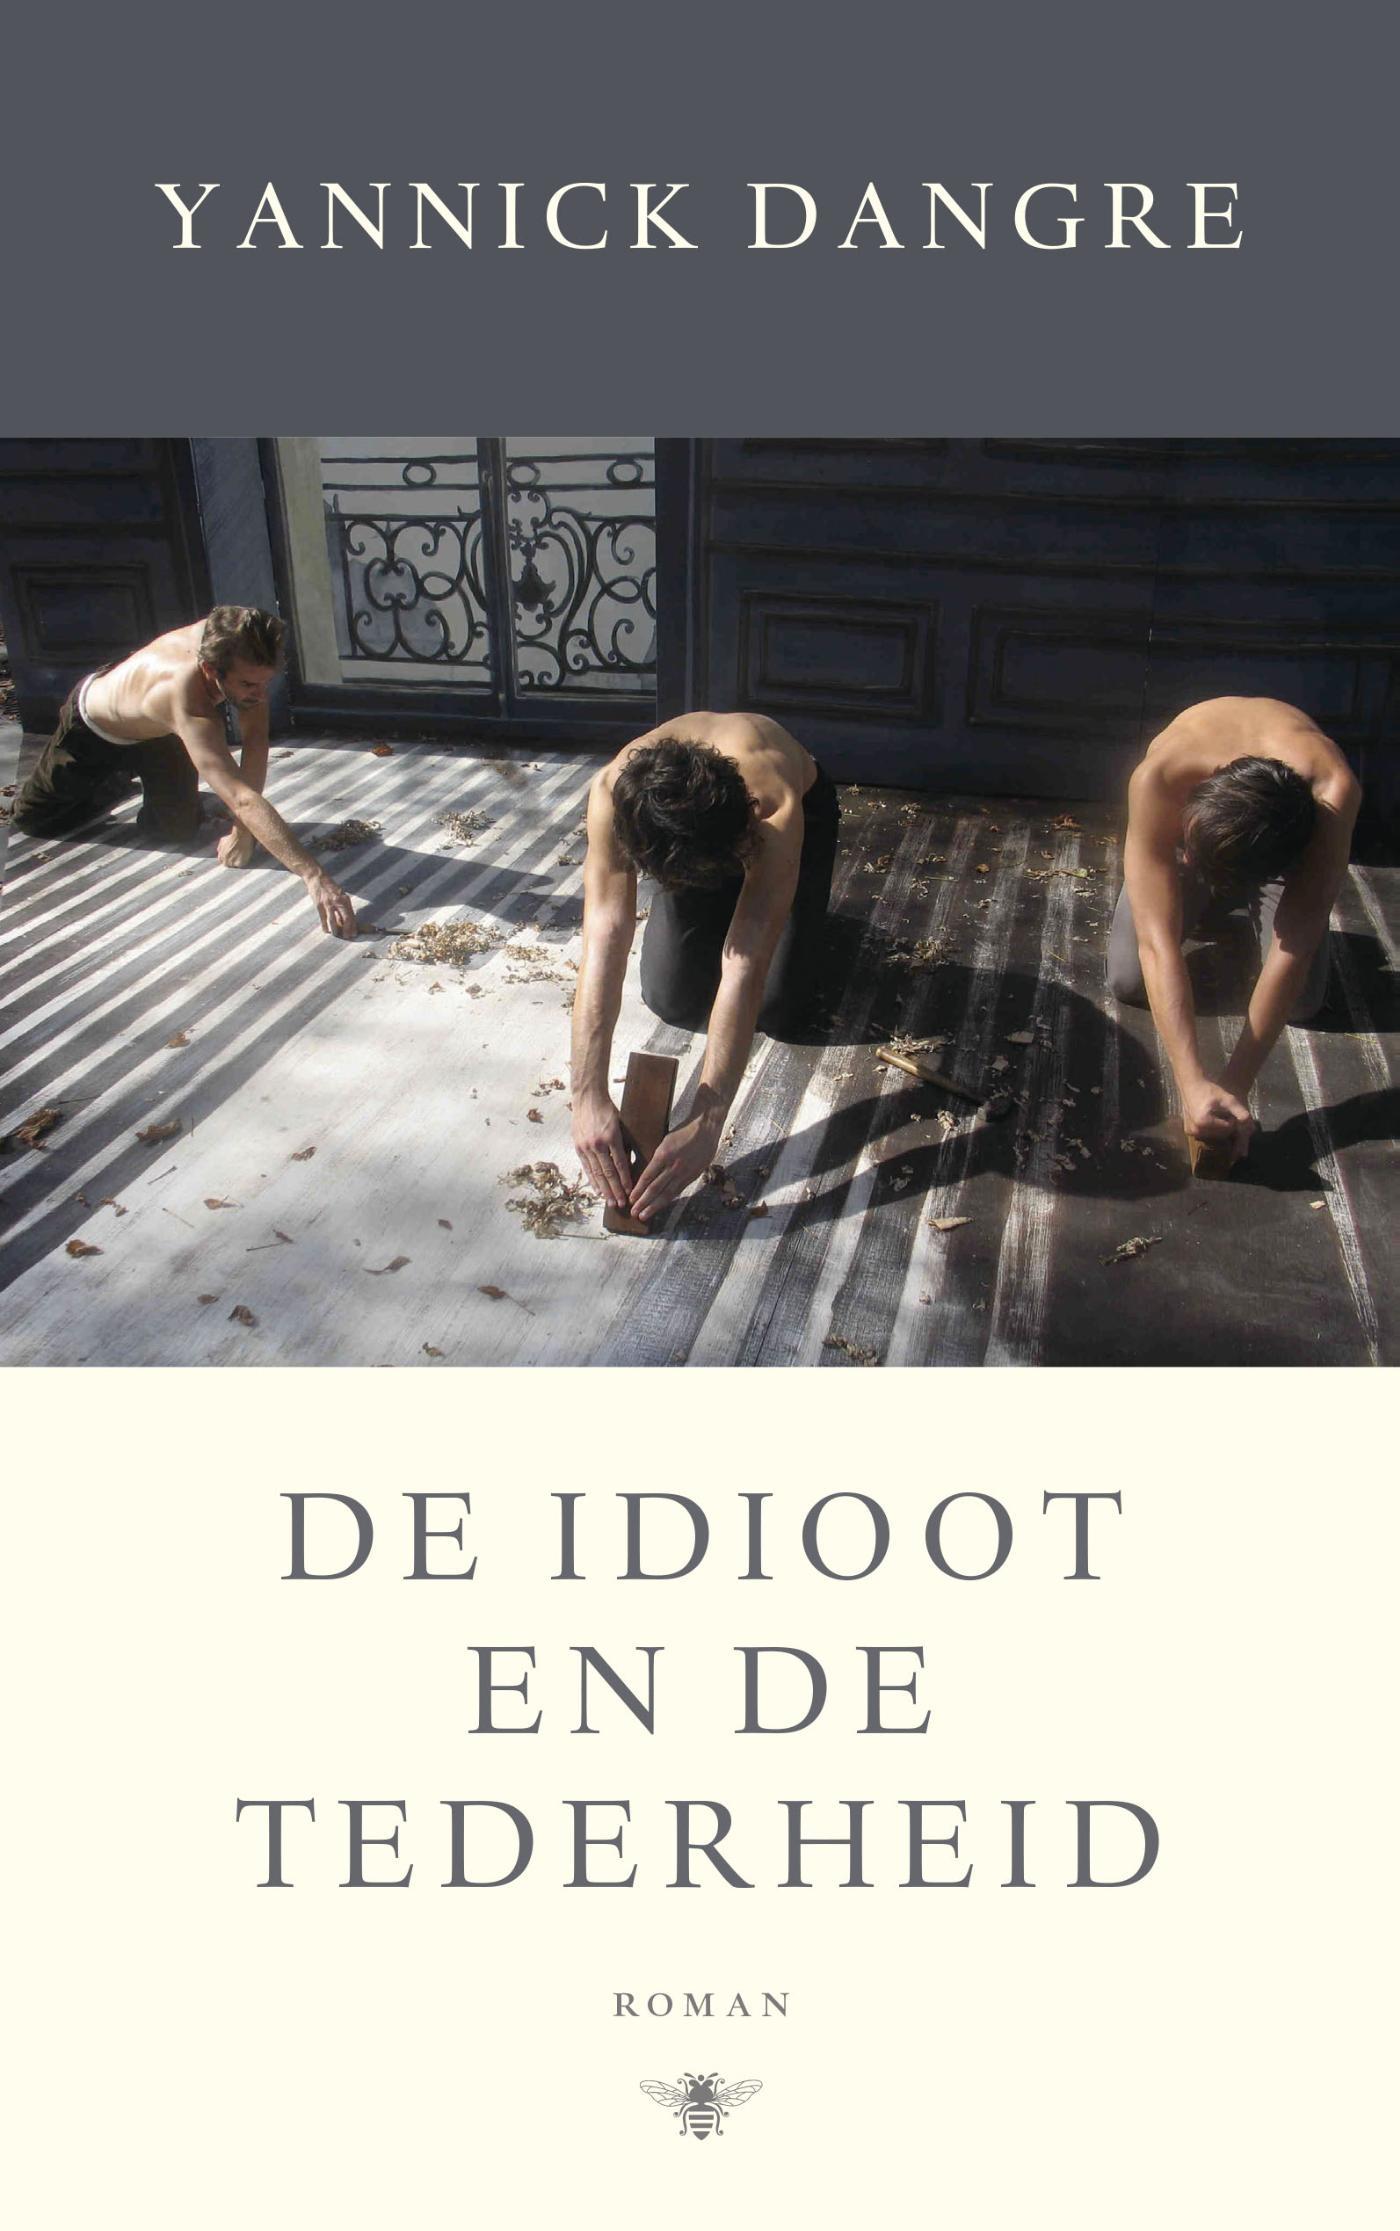 De idioot en de tederheid – Yannick Dangre